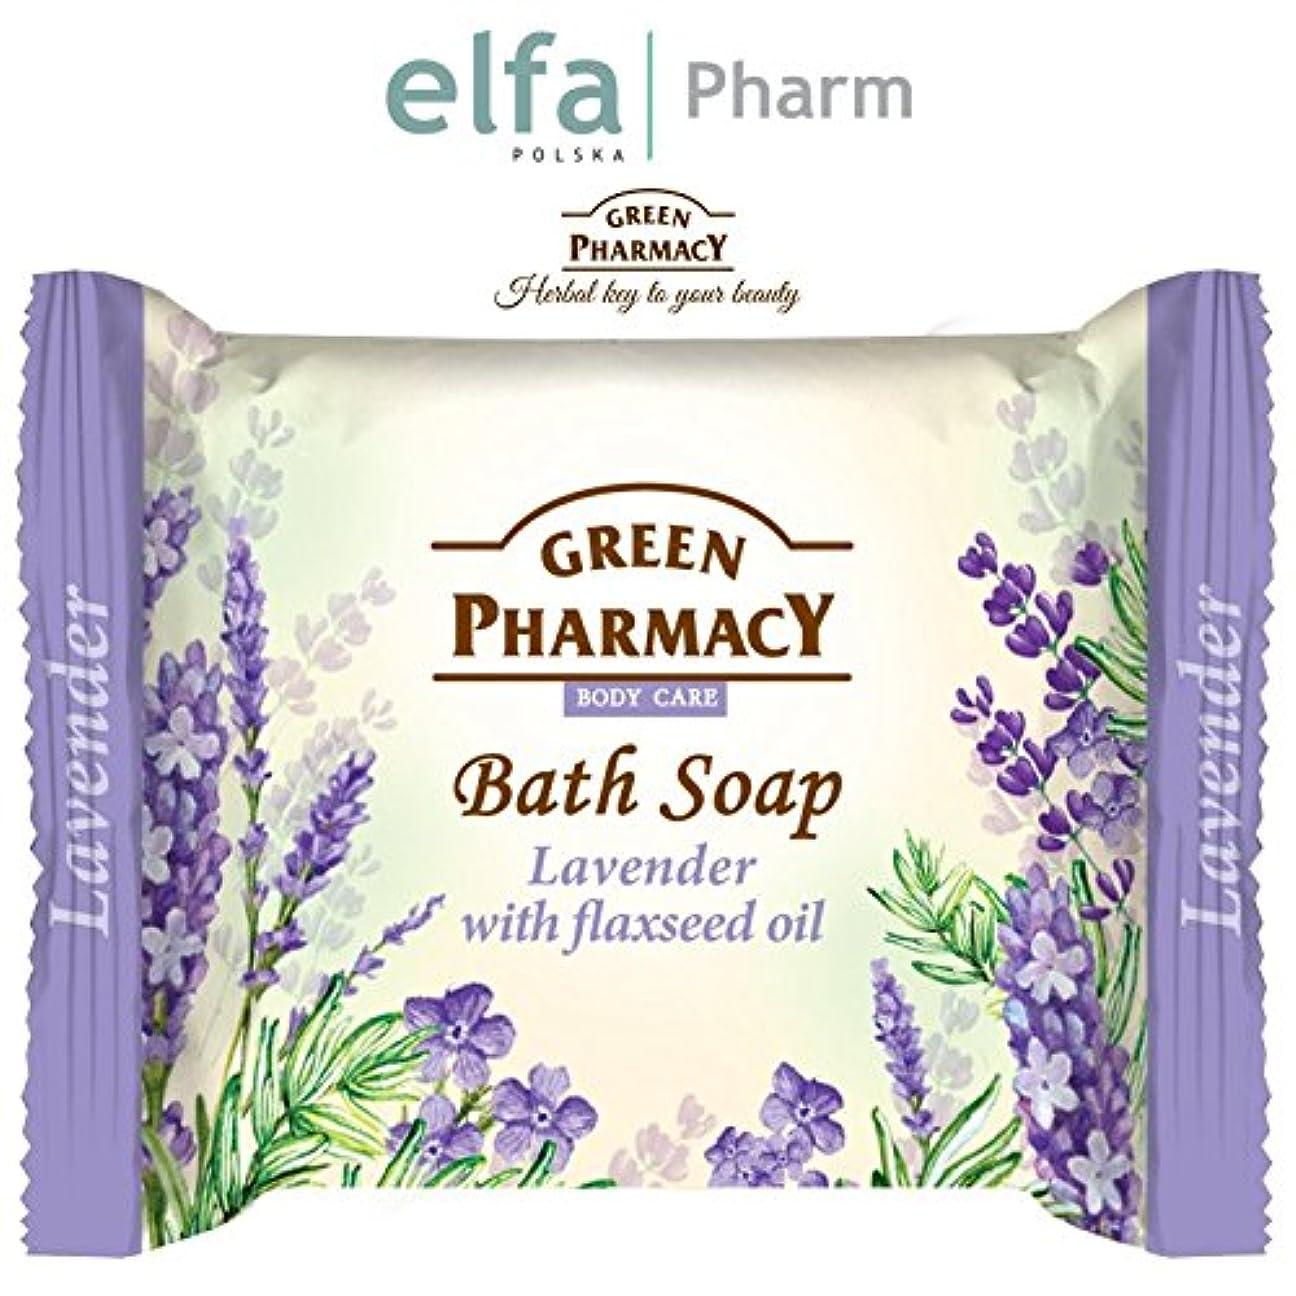 市の中心部スラックサイレント石鹸 固形 安心?安全 古代からのハーブの知識を生かして作られた固形せっけん ポーランドのグリーンファーマシー elfa Pharm Green Pharmacy Bath Soap Lavender with Flaxseed...